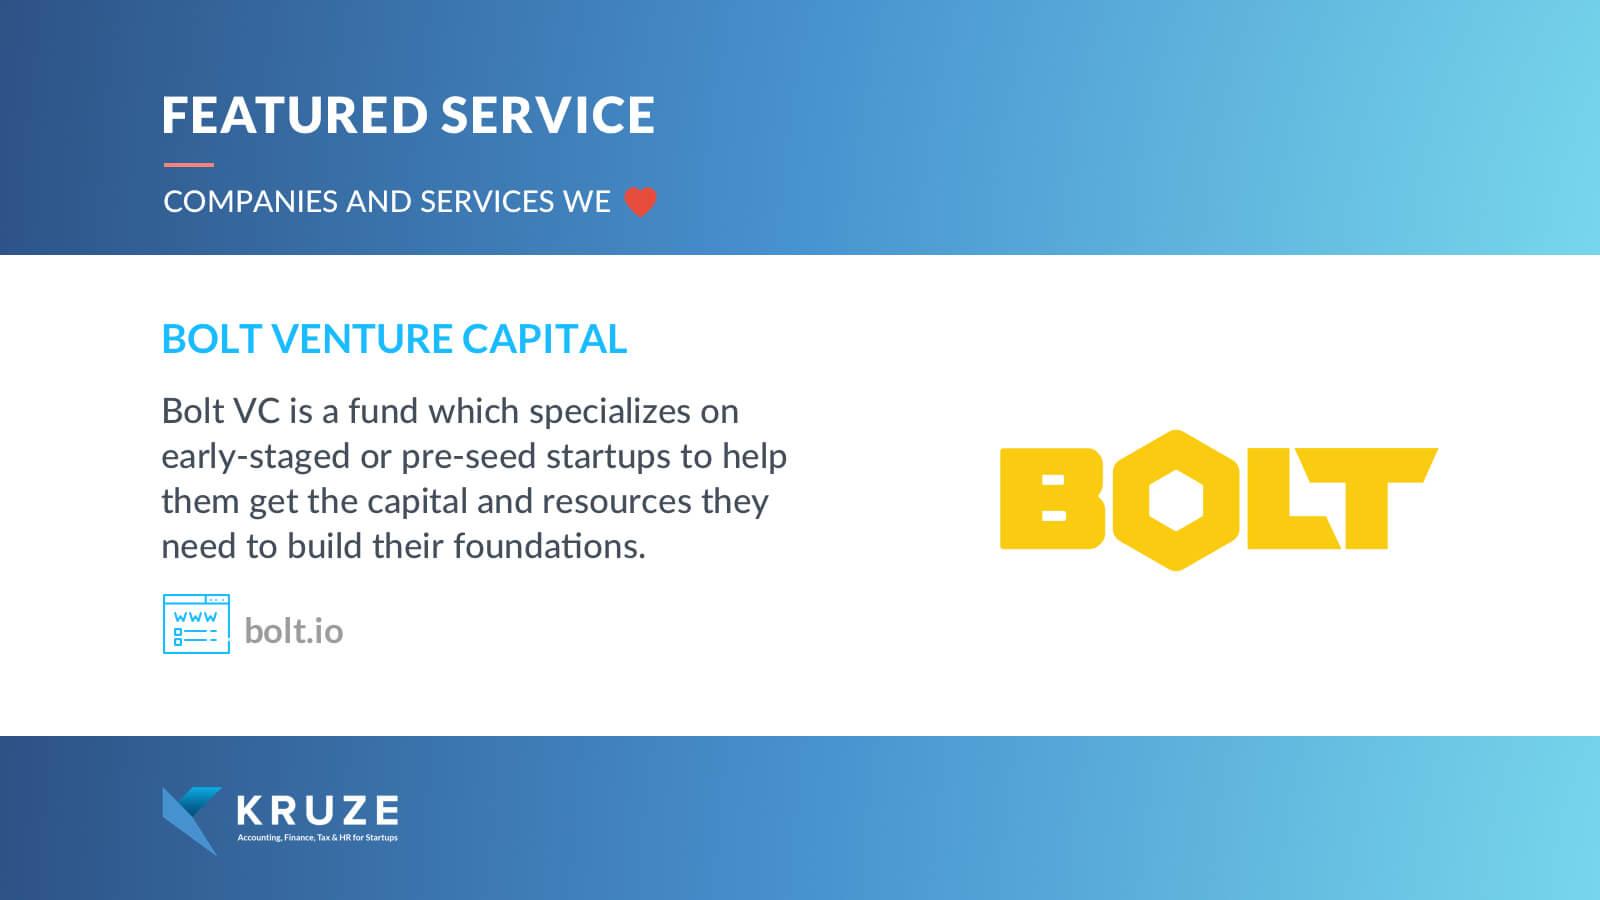 Featured Service - Bolt Venture Capital